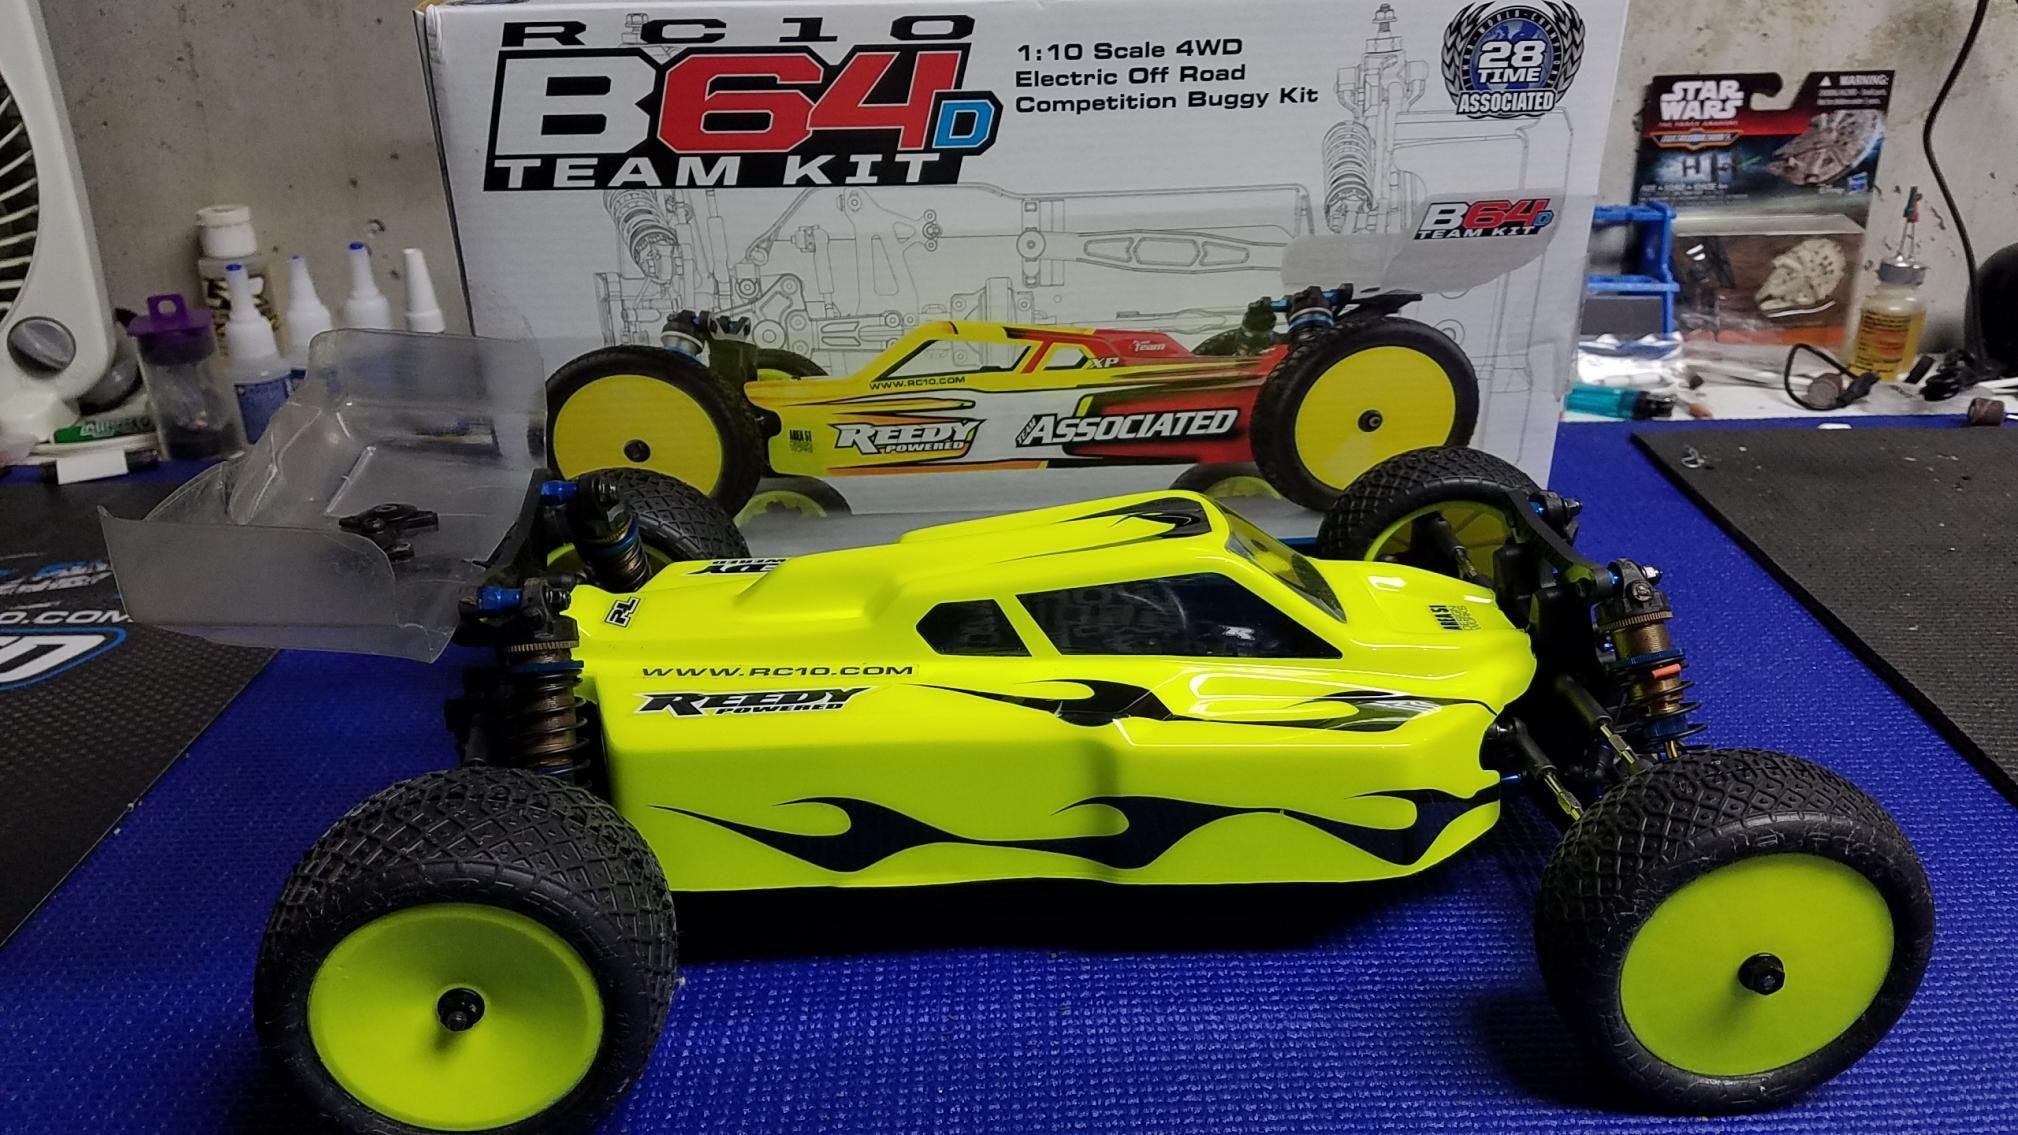 d sale b64d roller 2018—1135